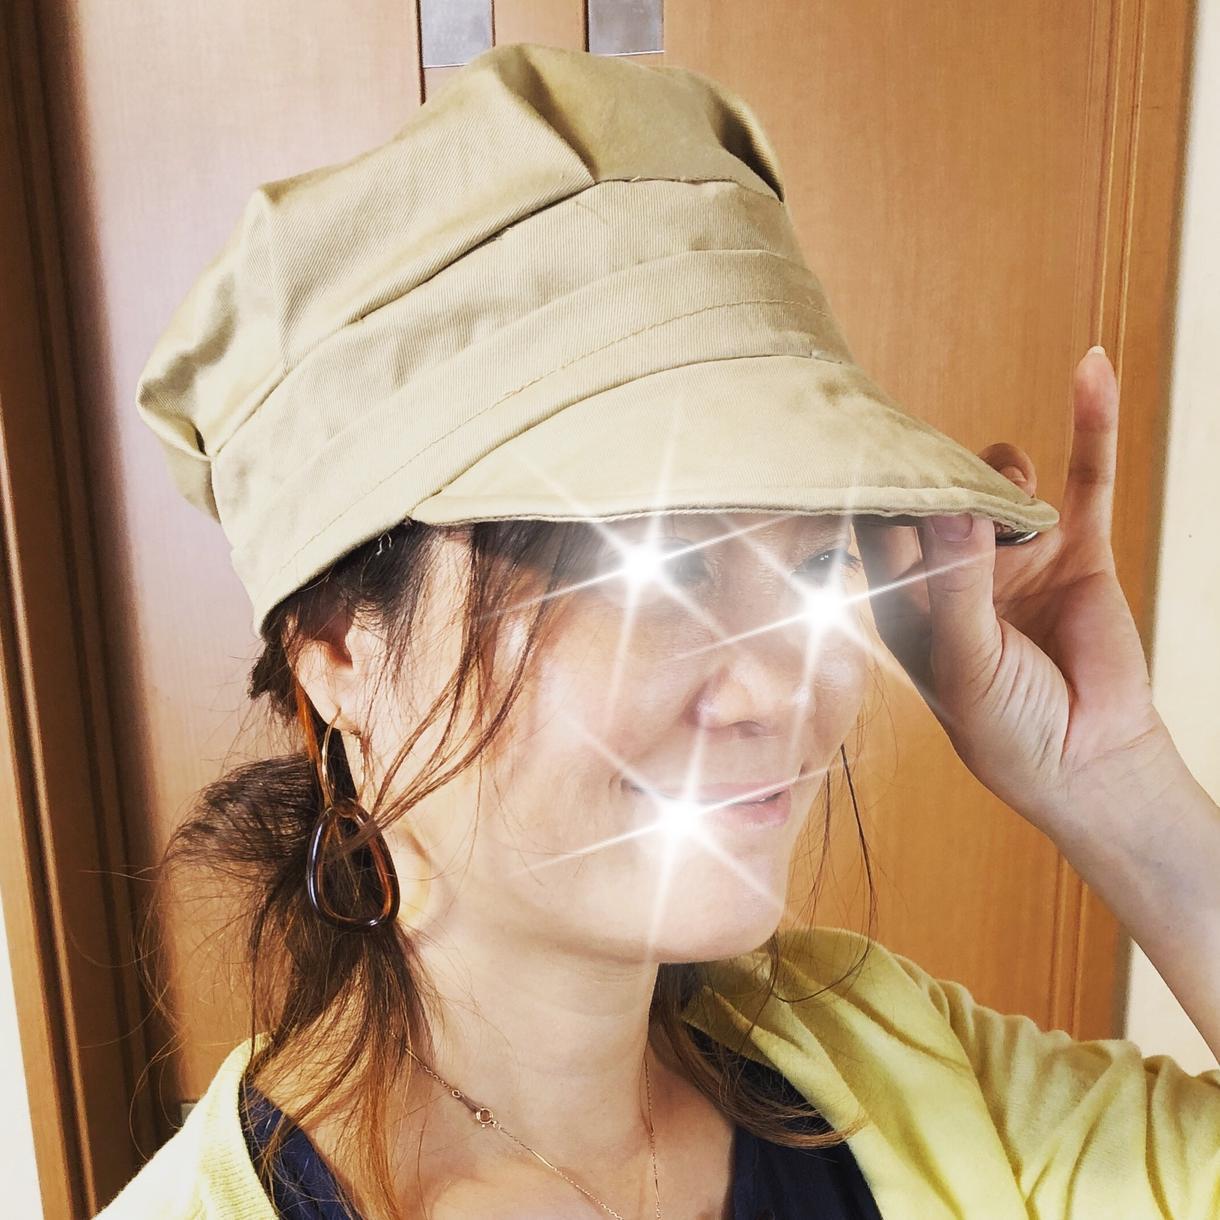 あなたサイズのキャスケット作ります 帽子選びにお困りの方にキャスケット作ります